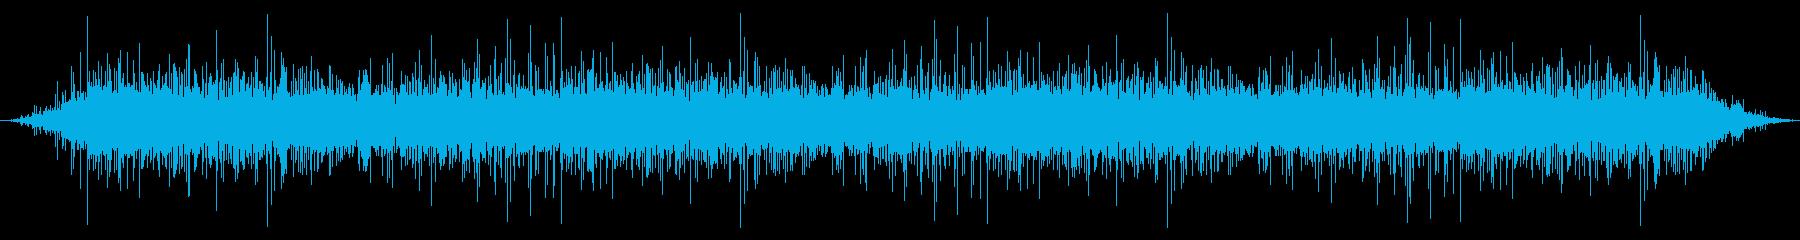 工業用オーバーフローパイプ:中程度...の再生済みの波形